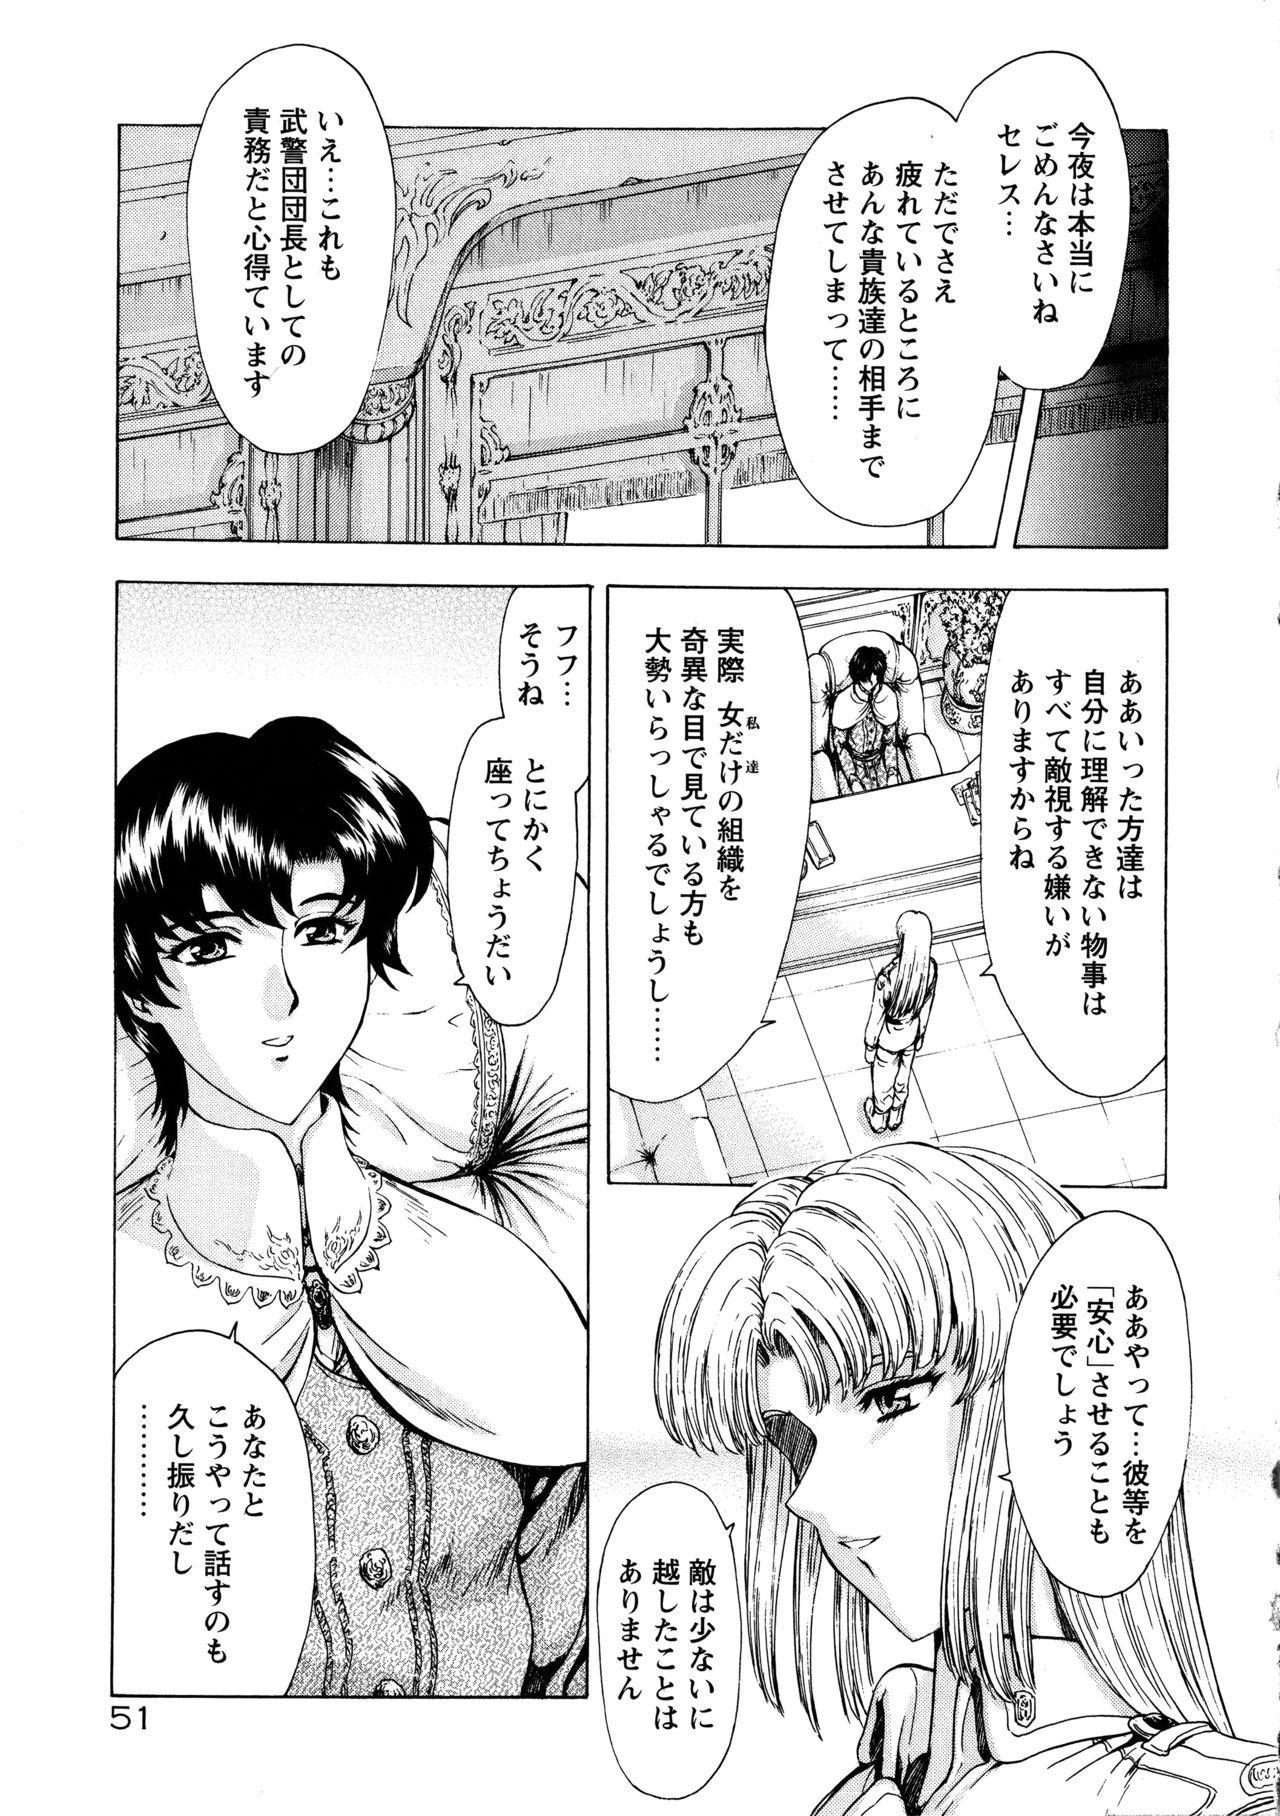 Ginryuu no Reimei Vol. 1 58